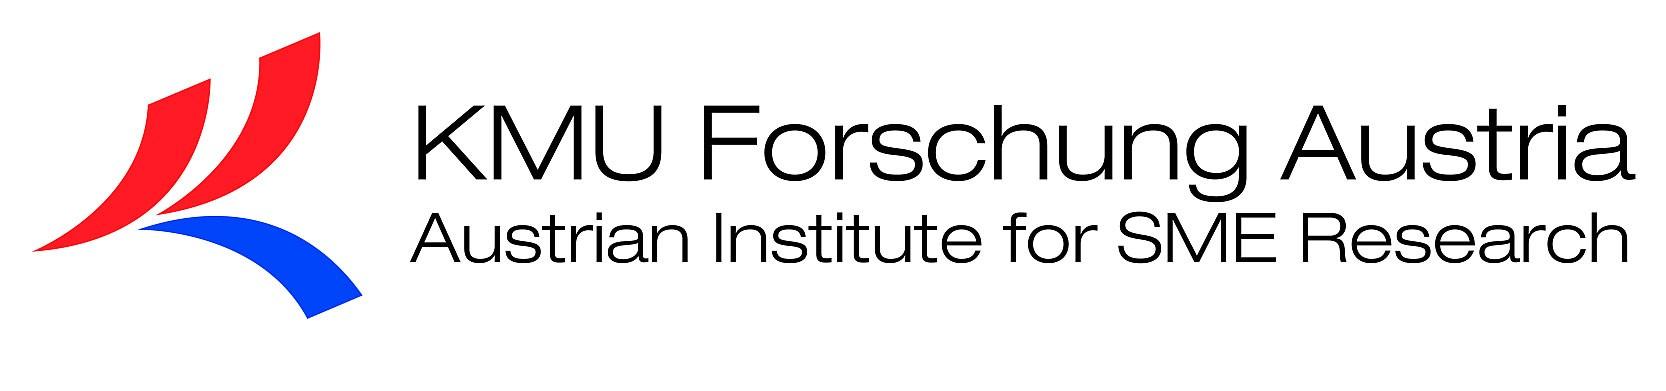 KMU Forschung Austria